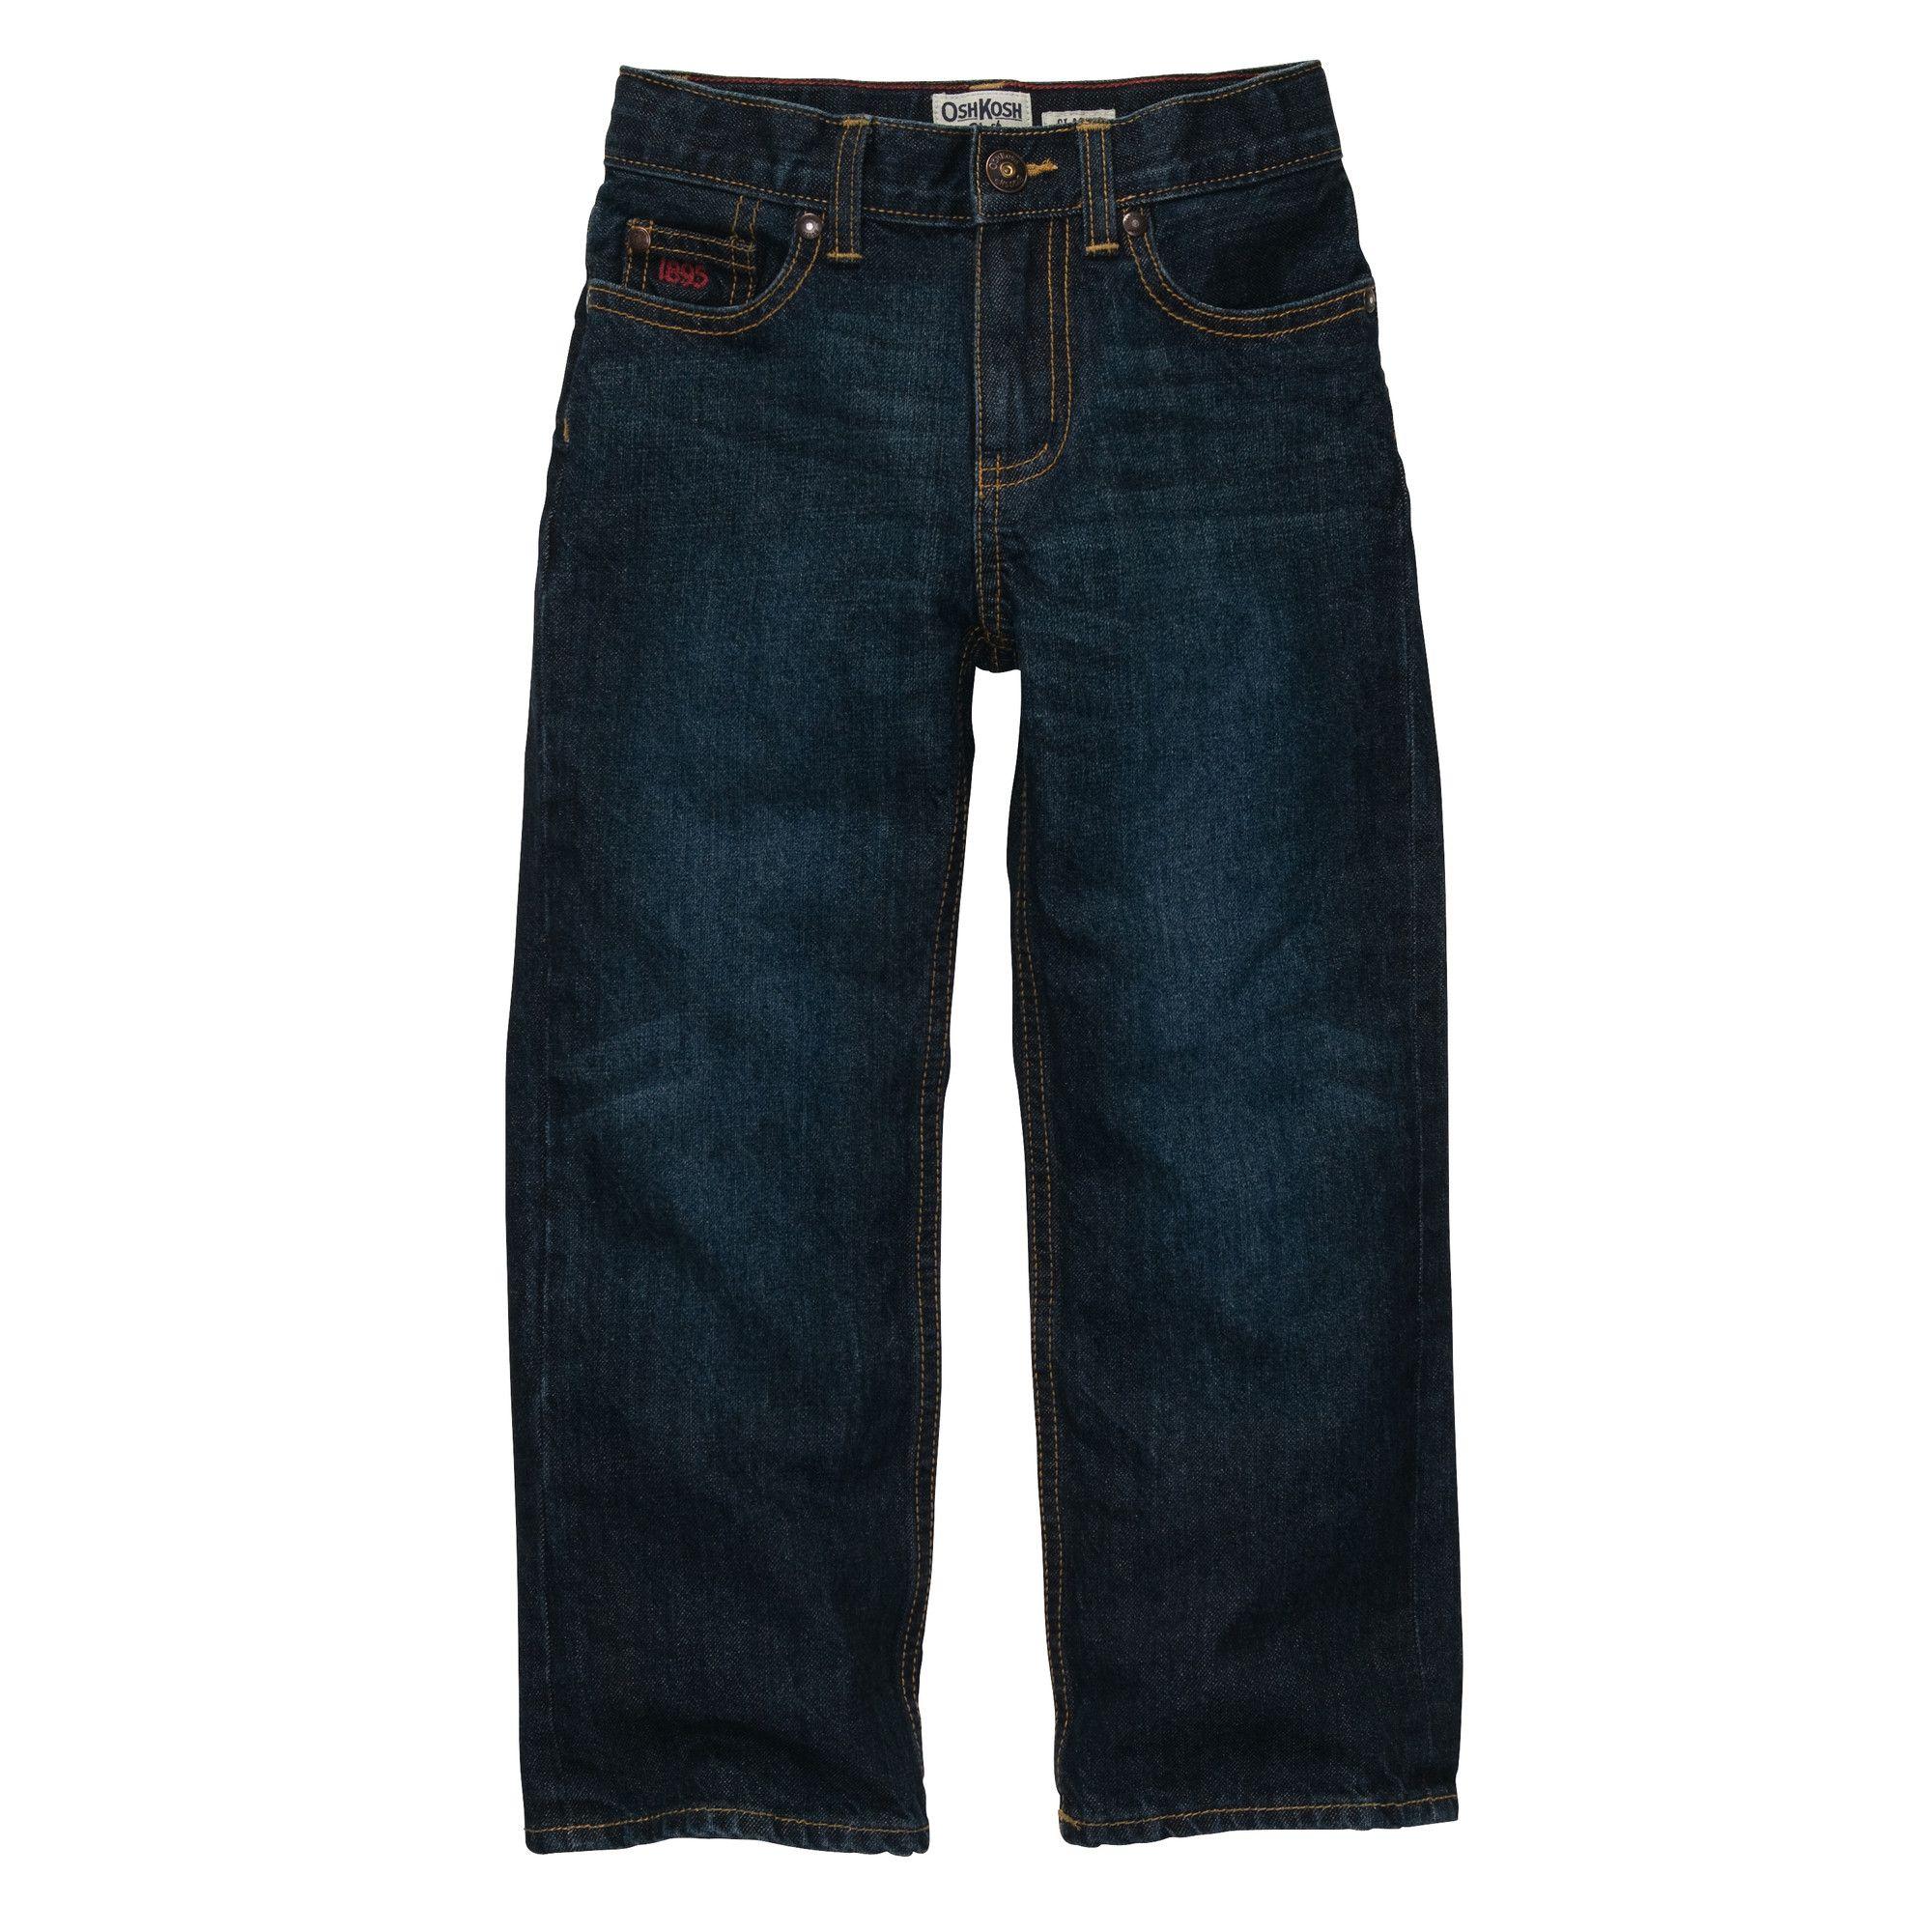 Classic Jean Rail Tie True Blue Wash